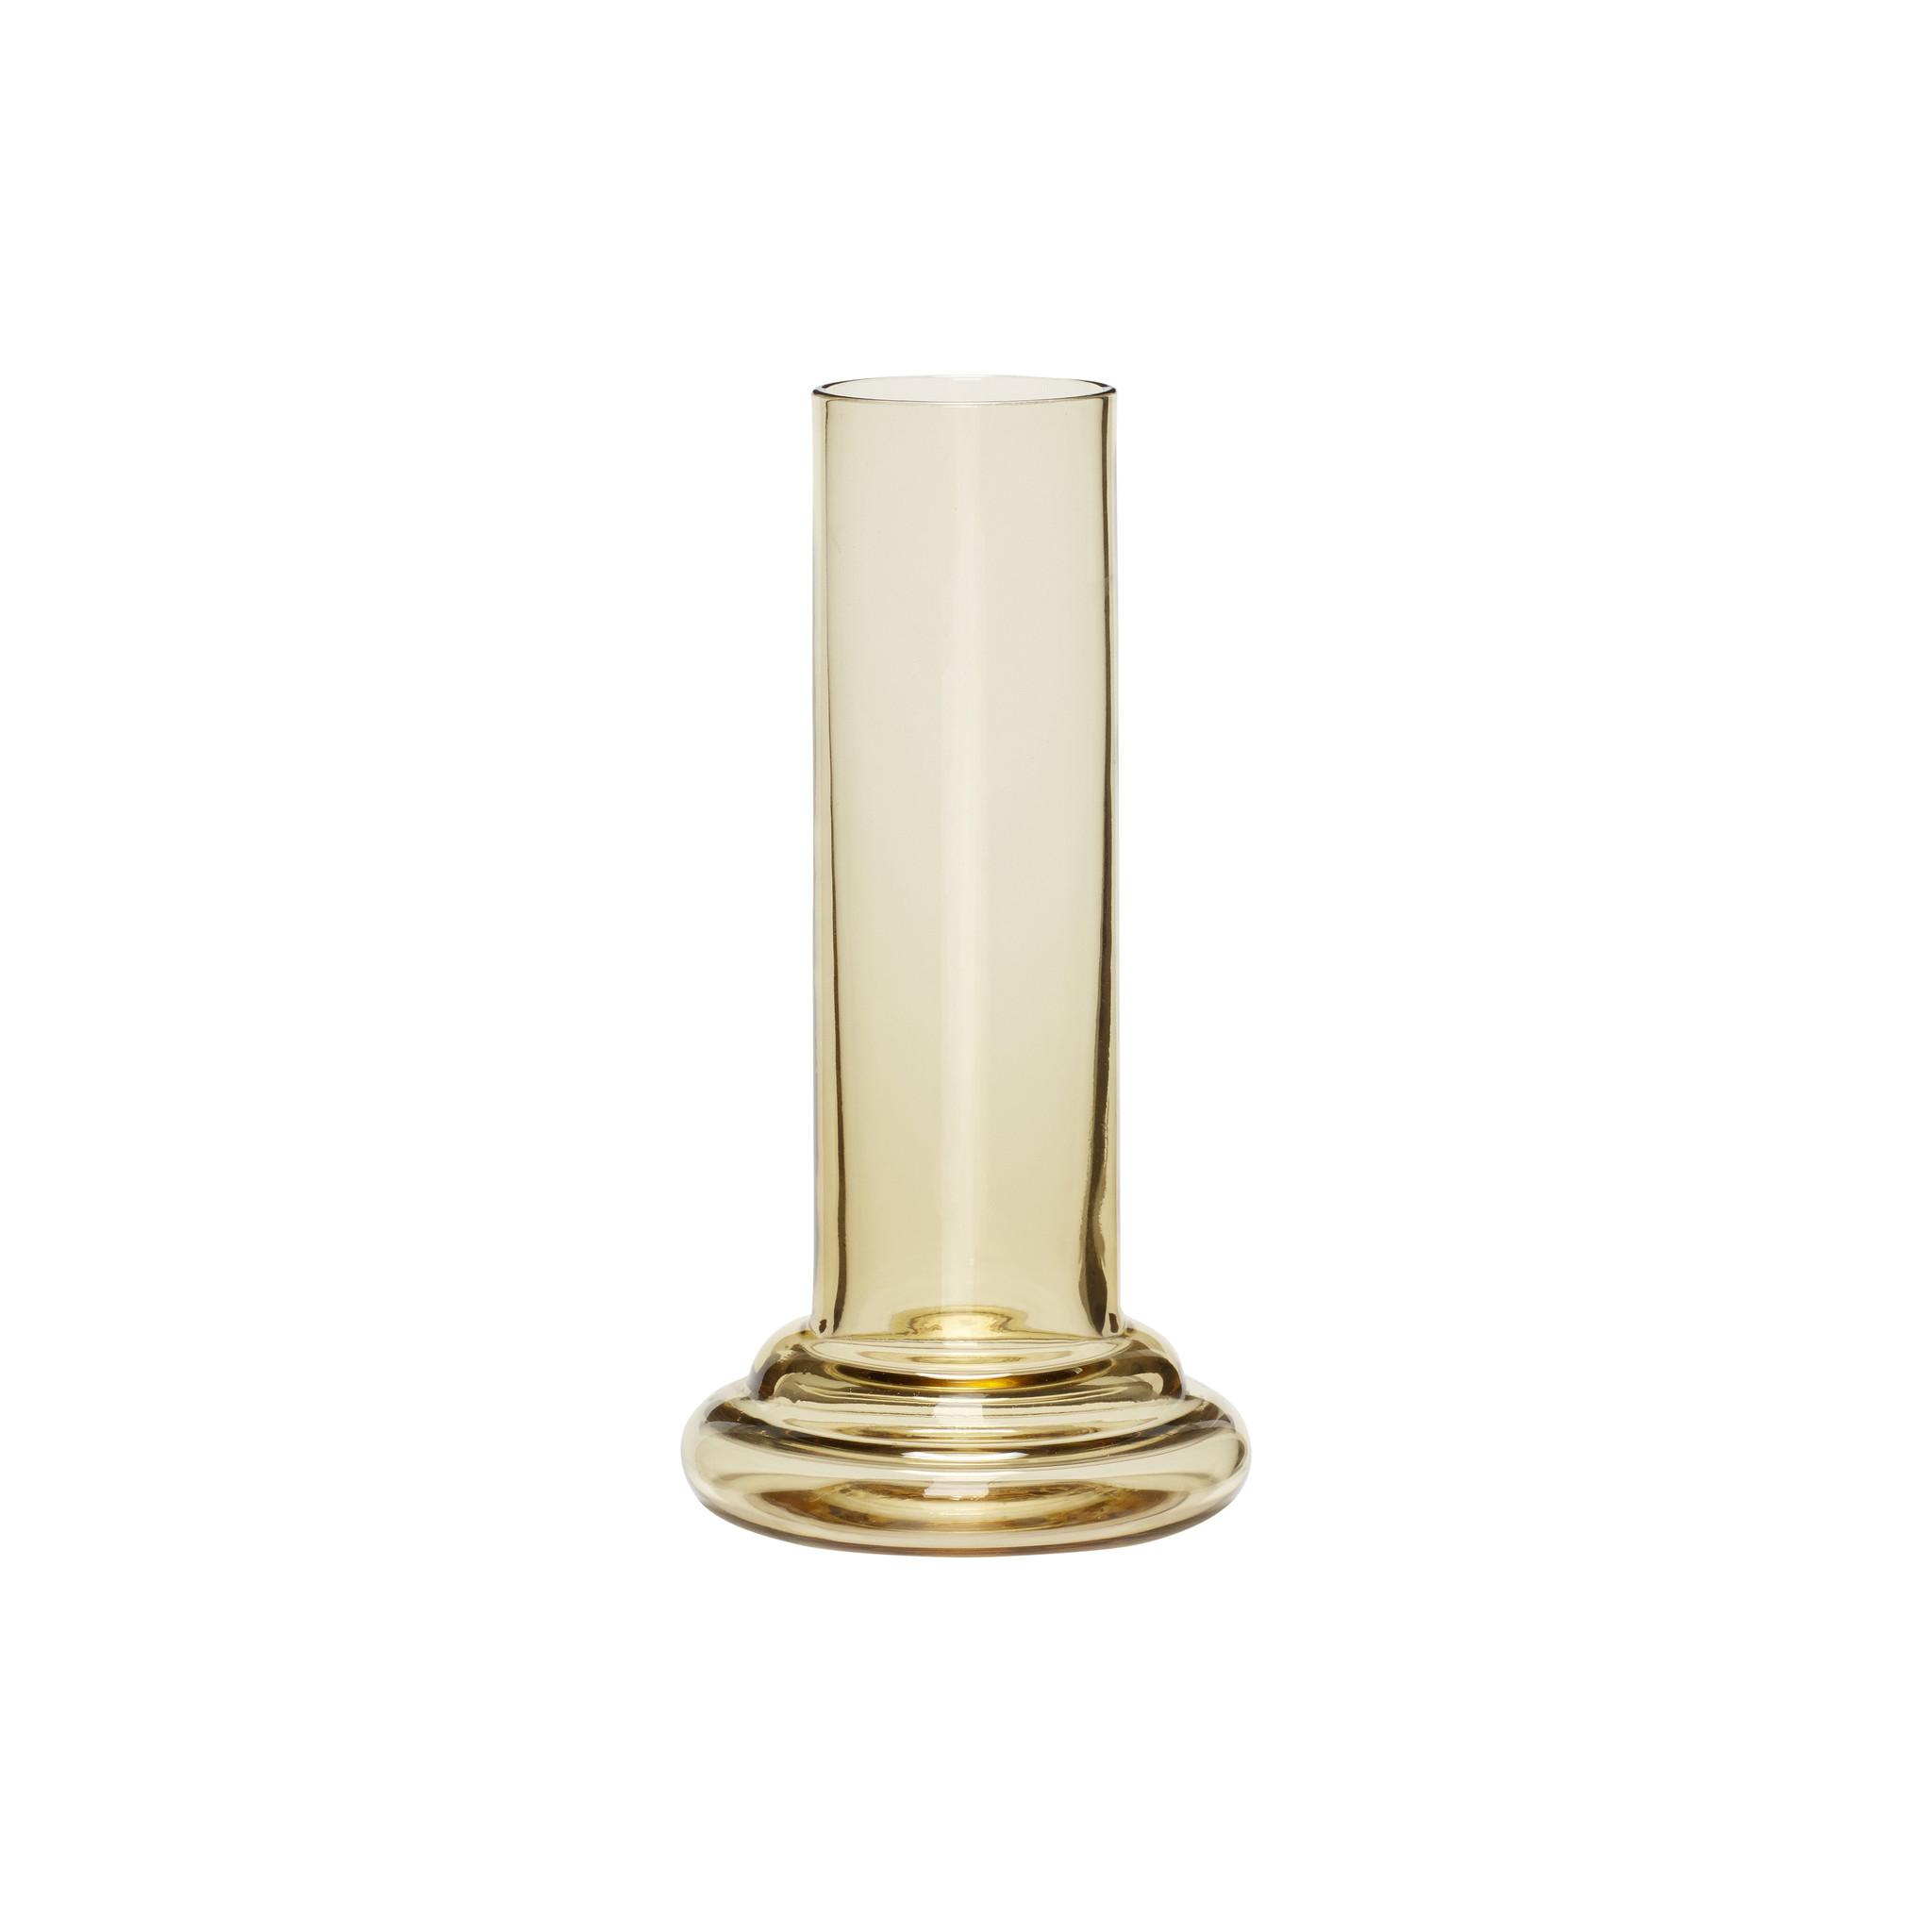 Hubsch Vaas, glas, geel-950406-5712772059067